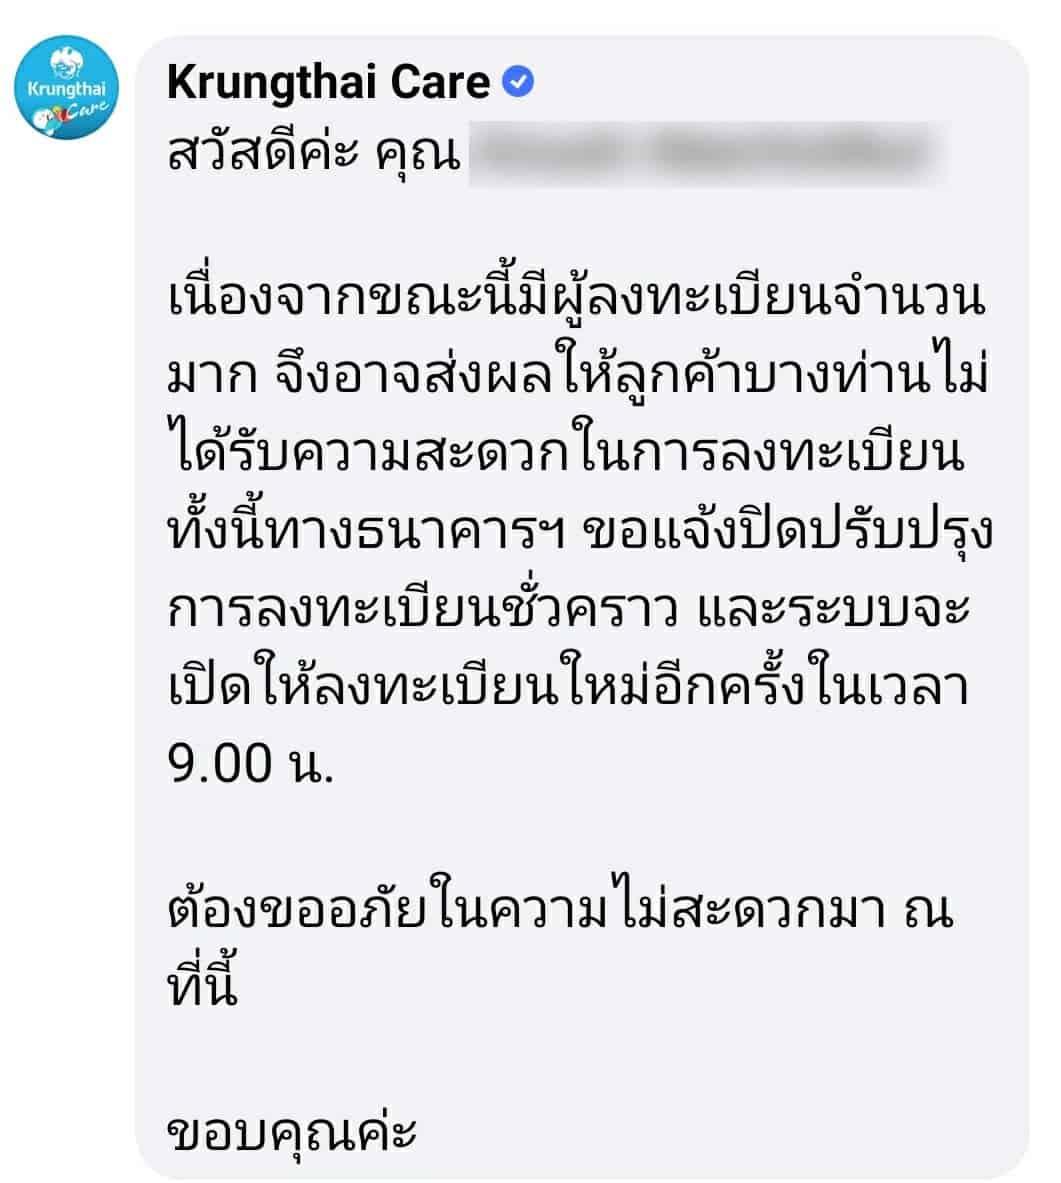 ธนาคารกรุงไทยปิดลงทะเบียนคนละครึ่งชั่วคราว เนื่องจากมีคนลงทะเบียนจำนวนมาก จะเปิดให้ลงทะเบียนอีกครั้งเวลา 09.00น.